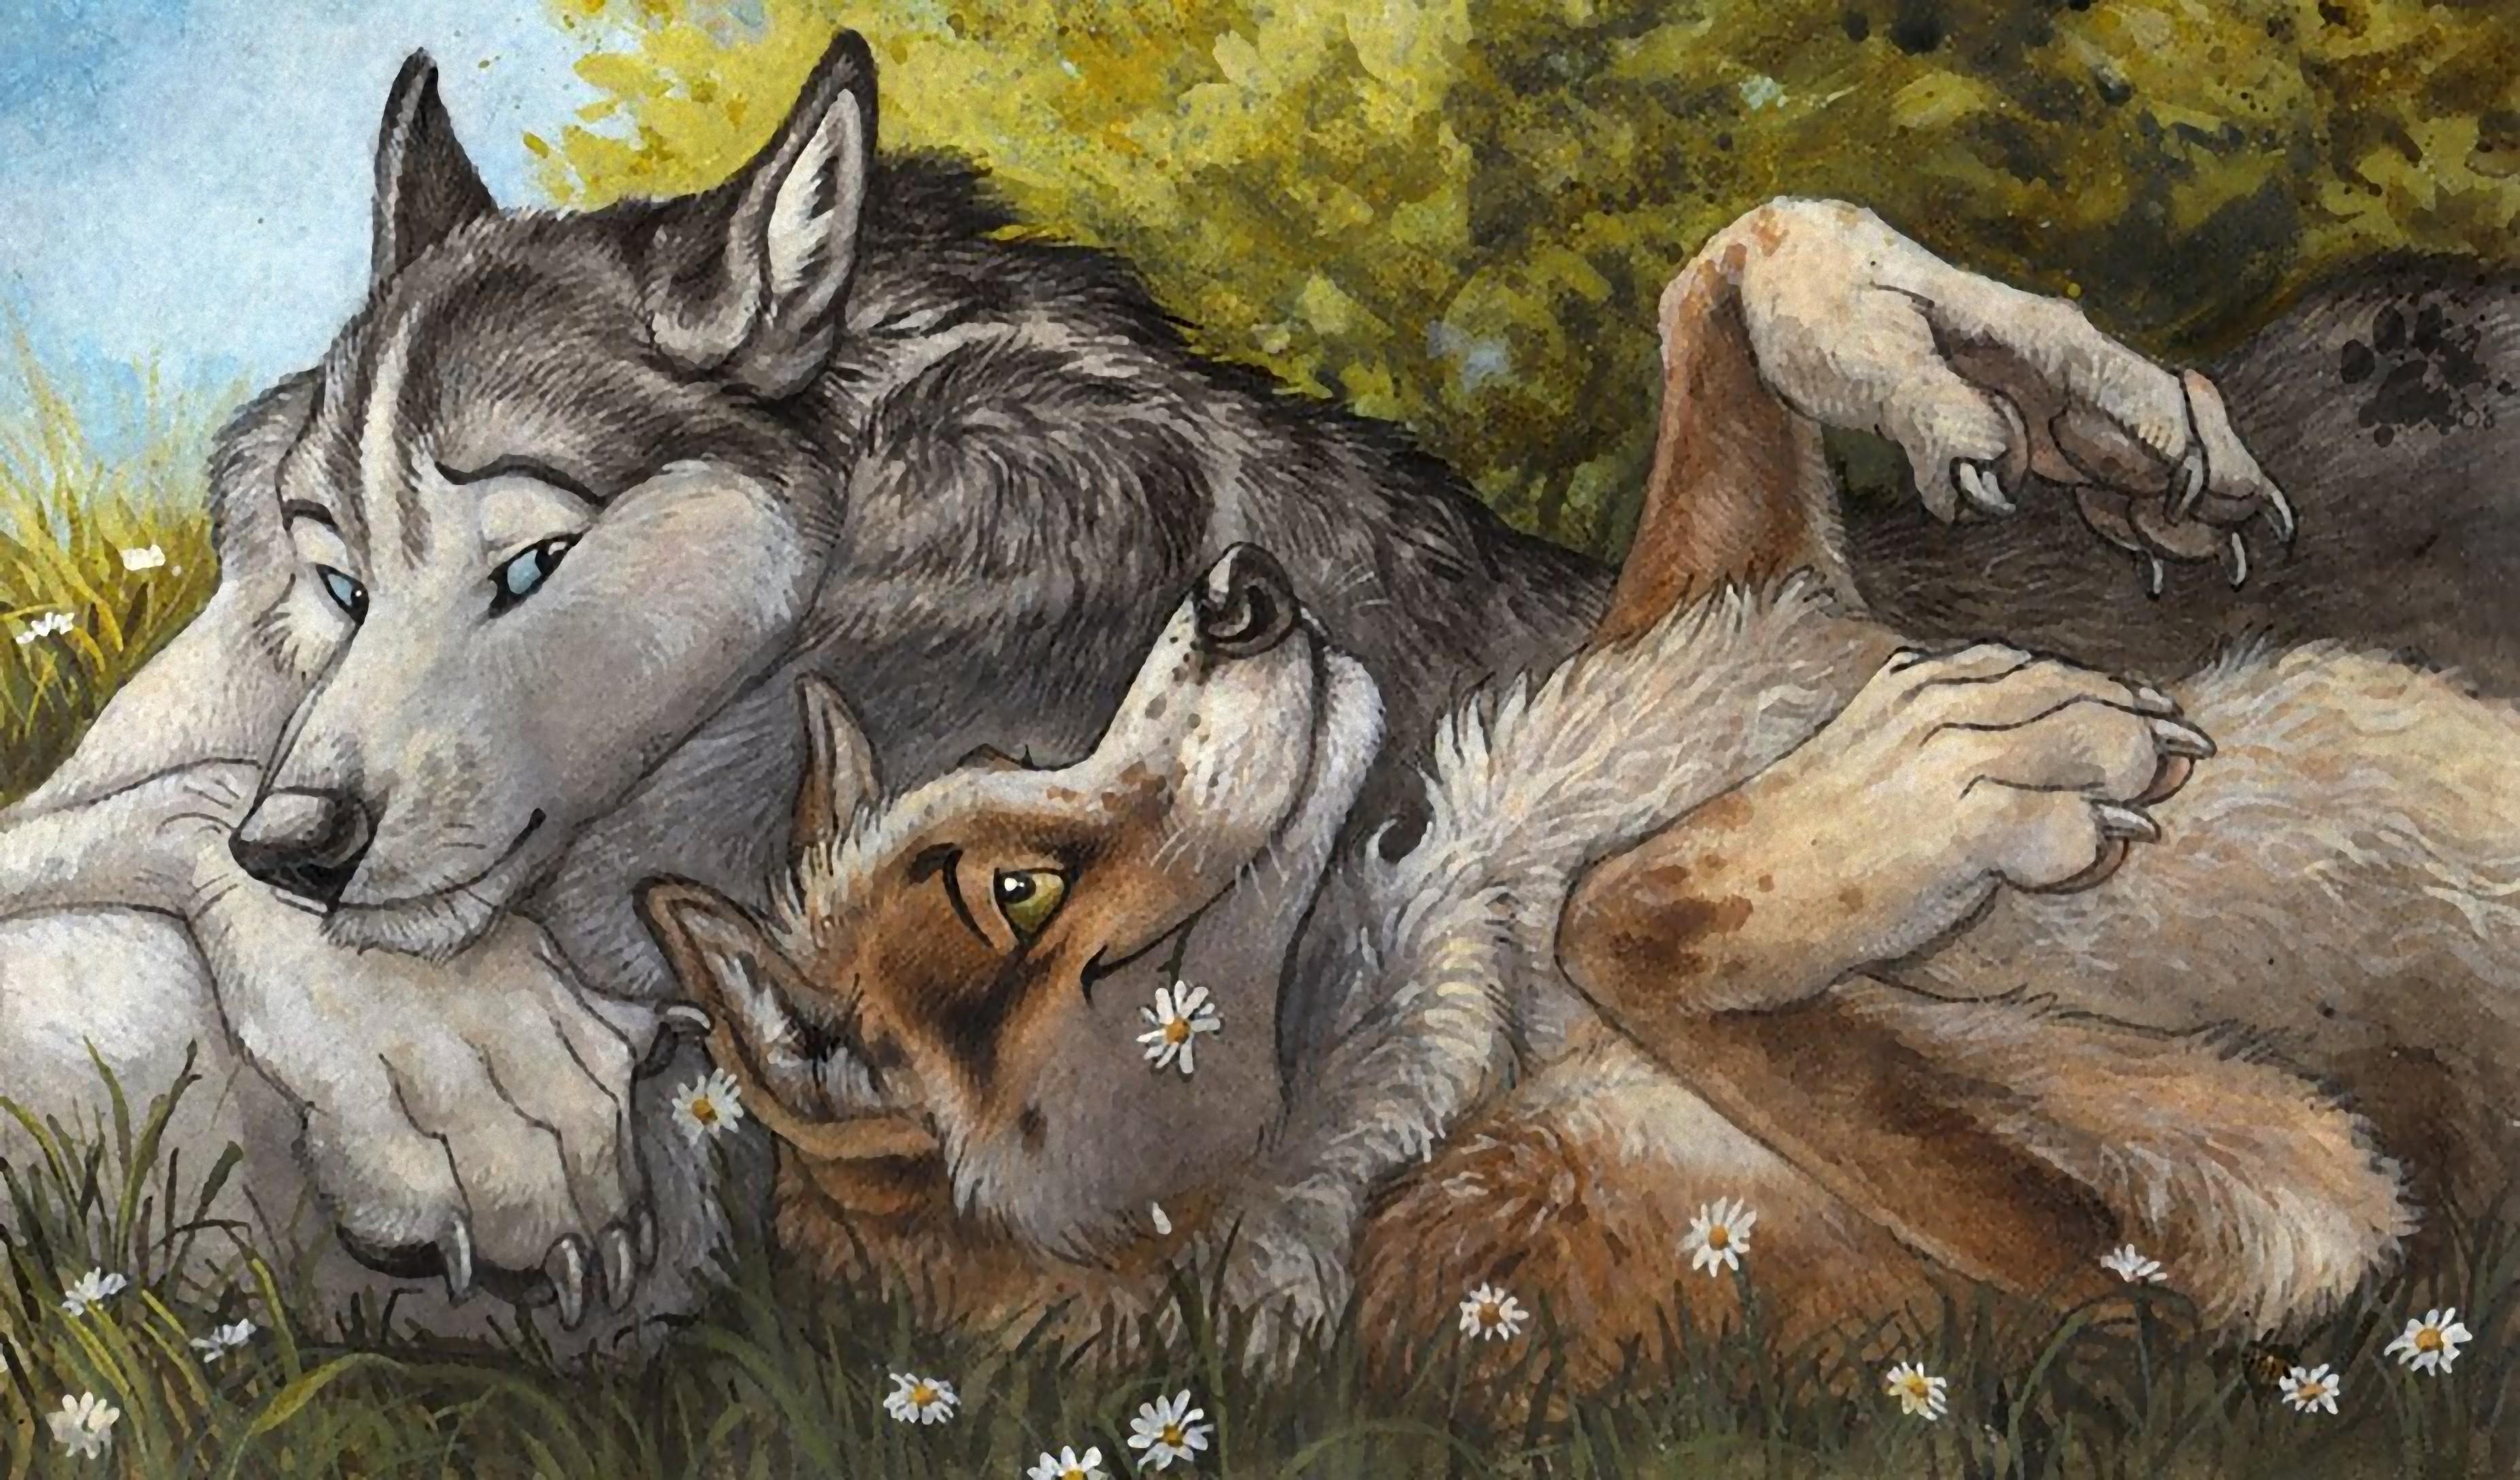 картинки пес и волк одна волчица а пес по всем занялся репортажной